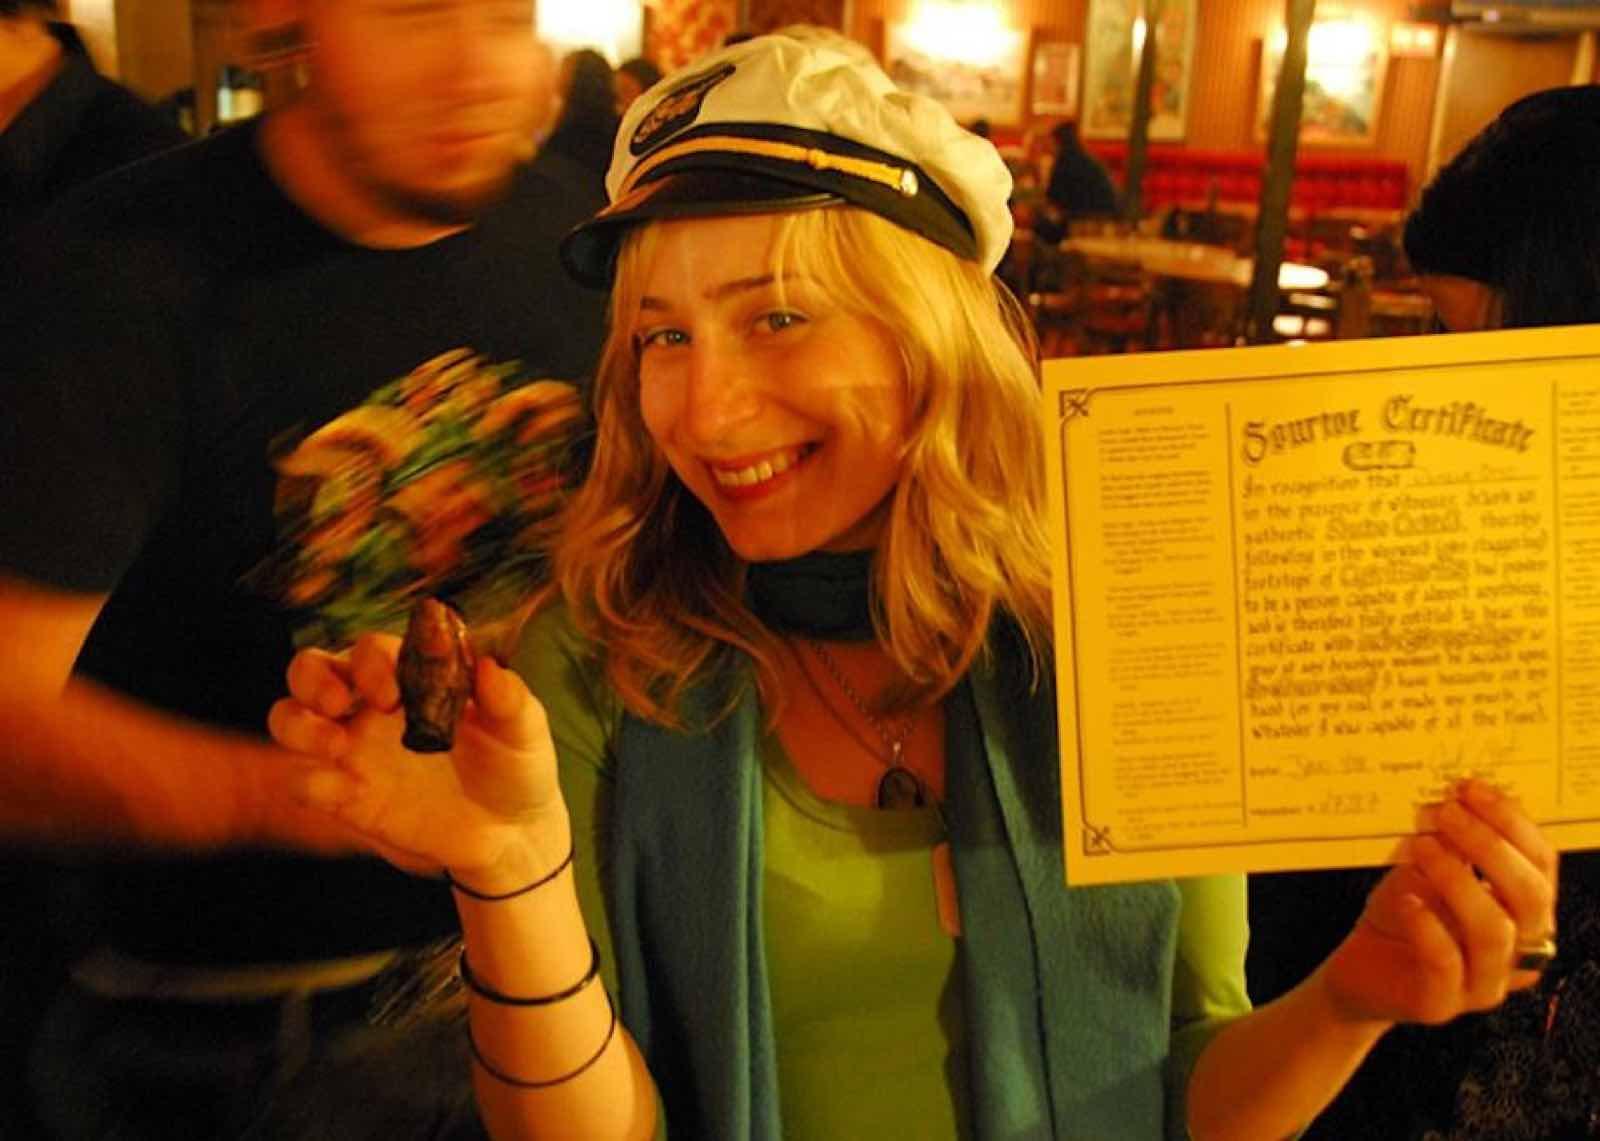 Kveldens gjest på baren Sourdough Saloon i Dawson City - med tå og medlemskap i klubben.